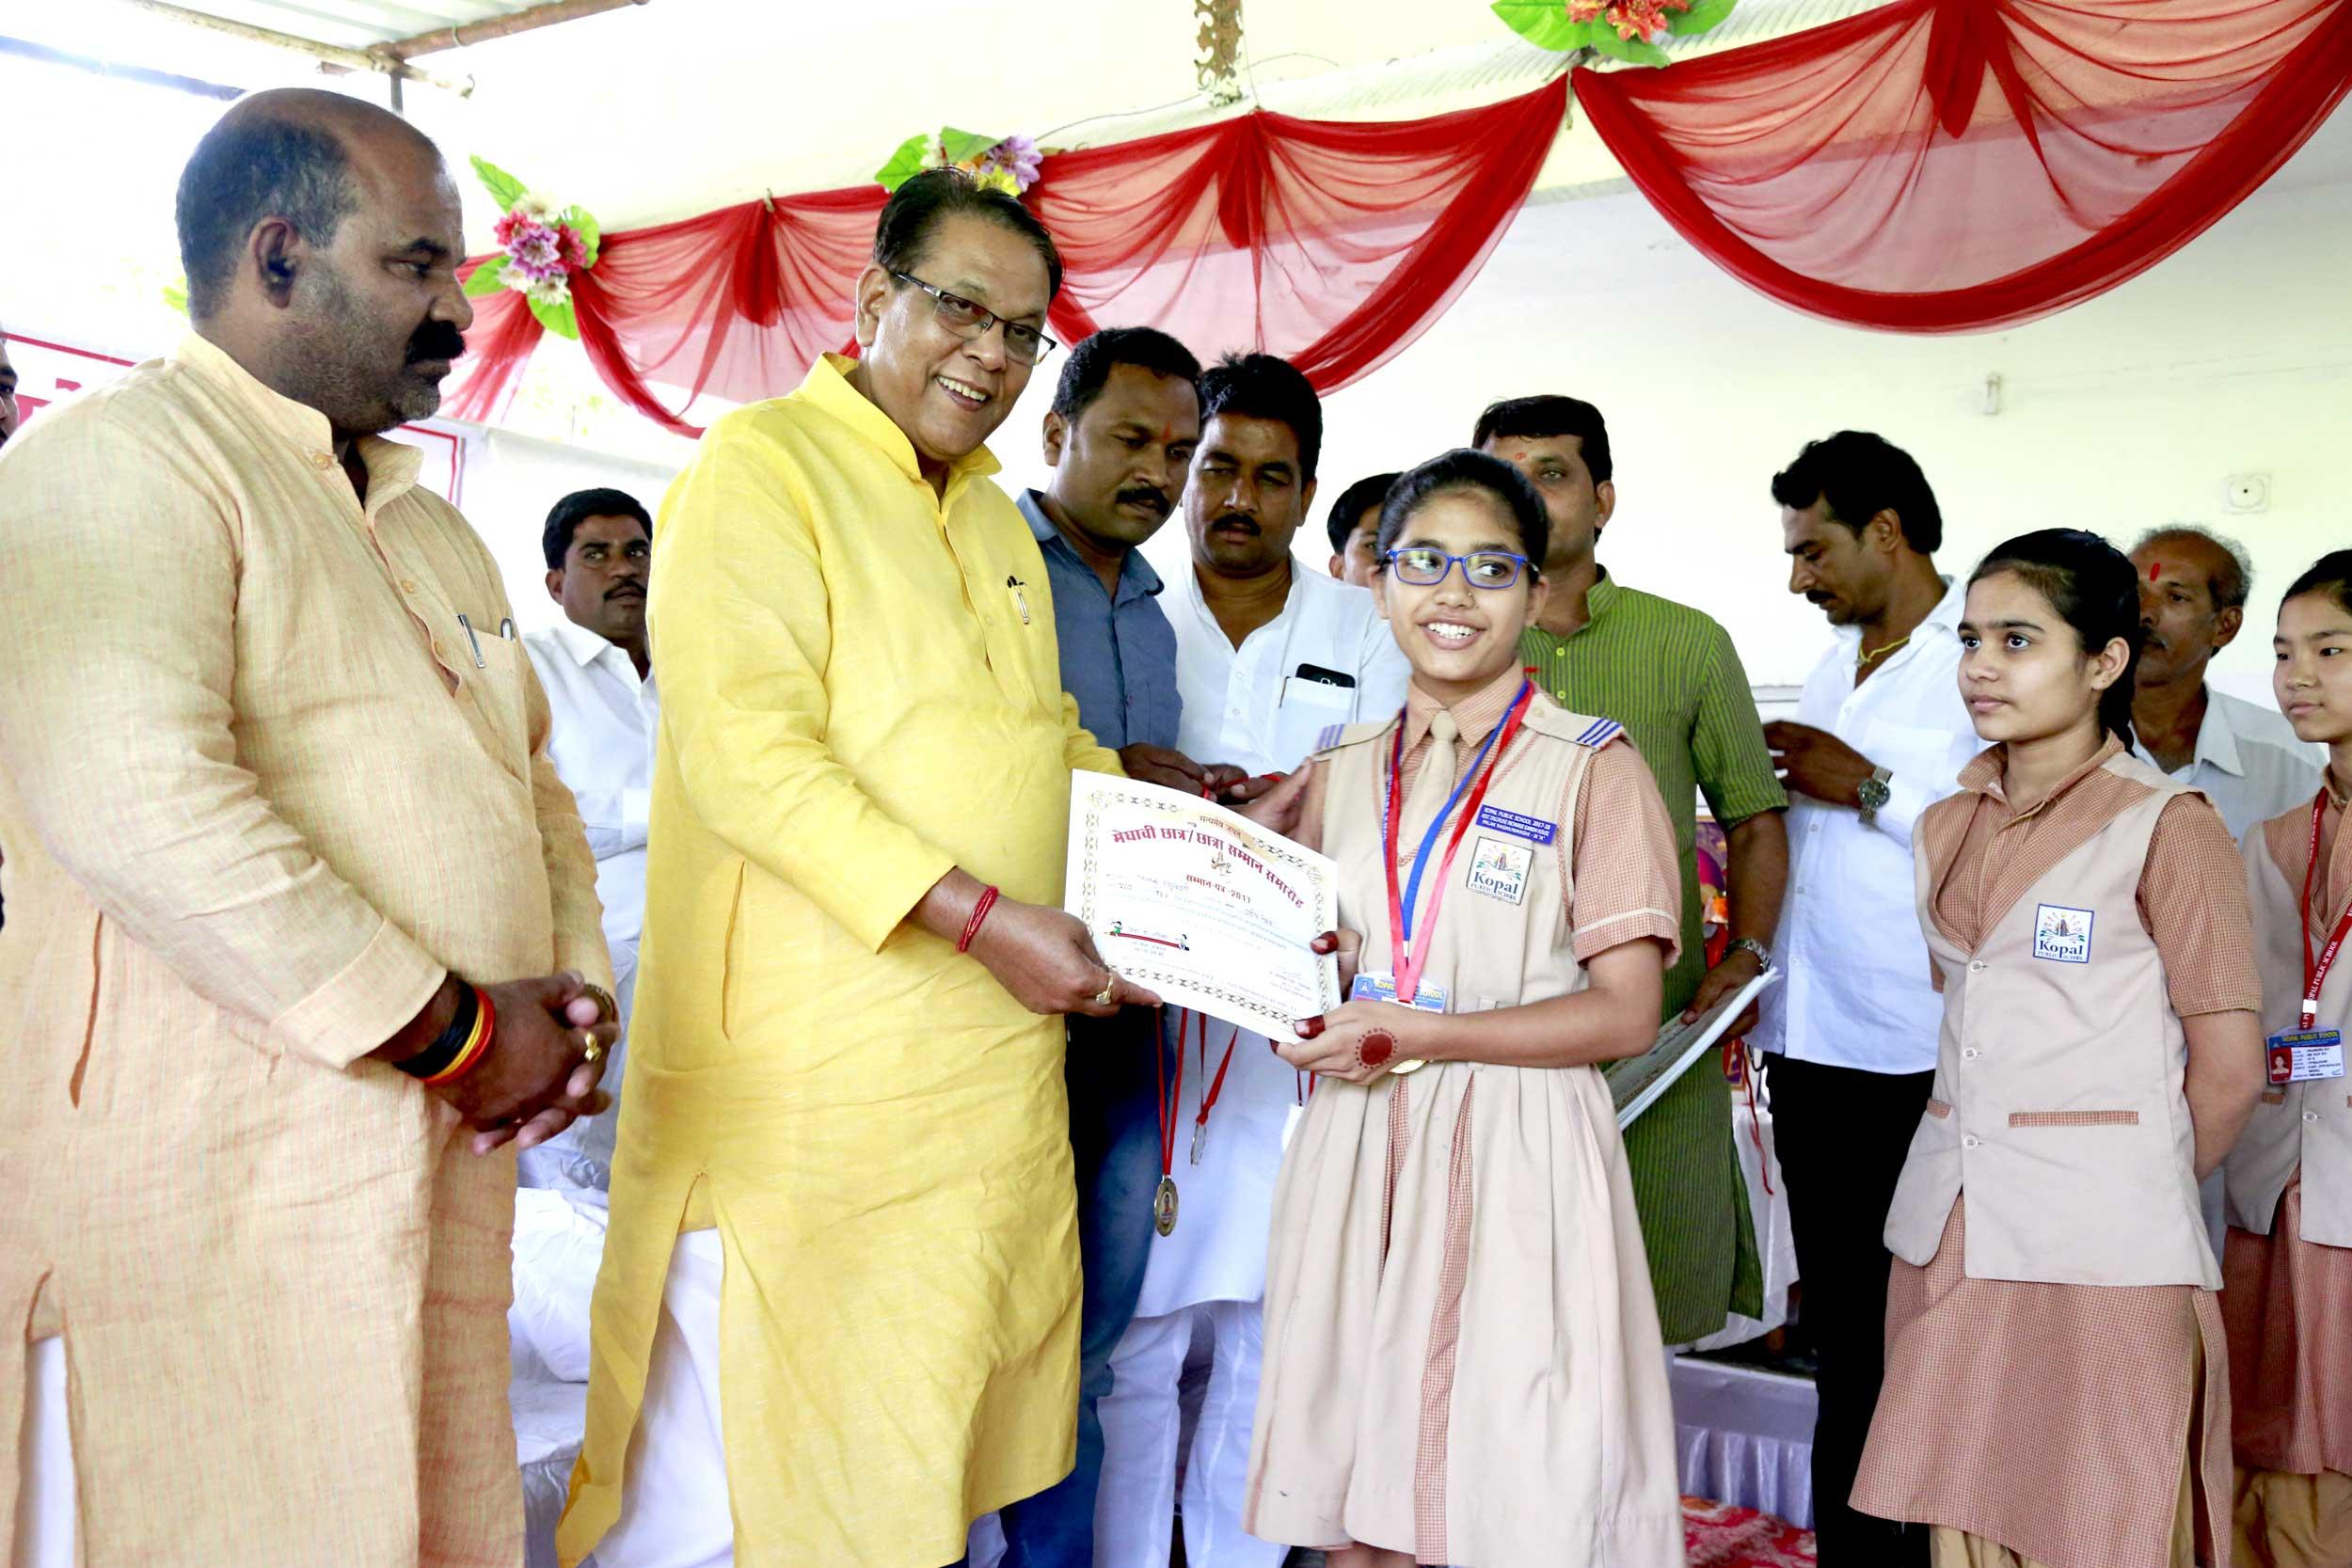 राजस्व मंत्री श्री गुप्ता ने मेधावी विद्यार्थियों को किया सम्मानित